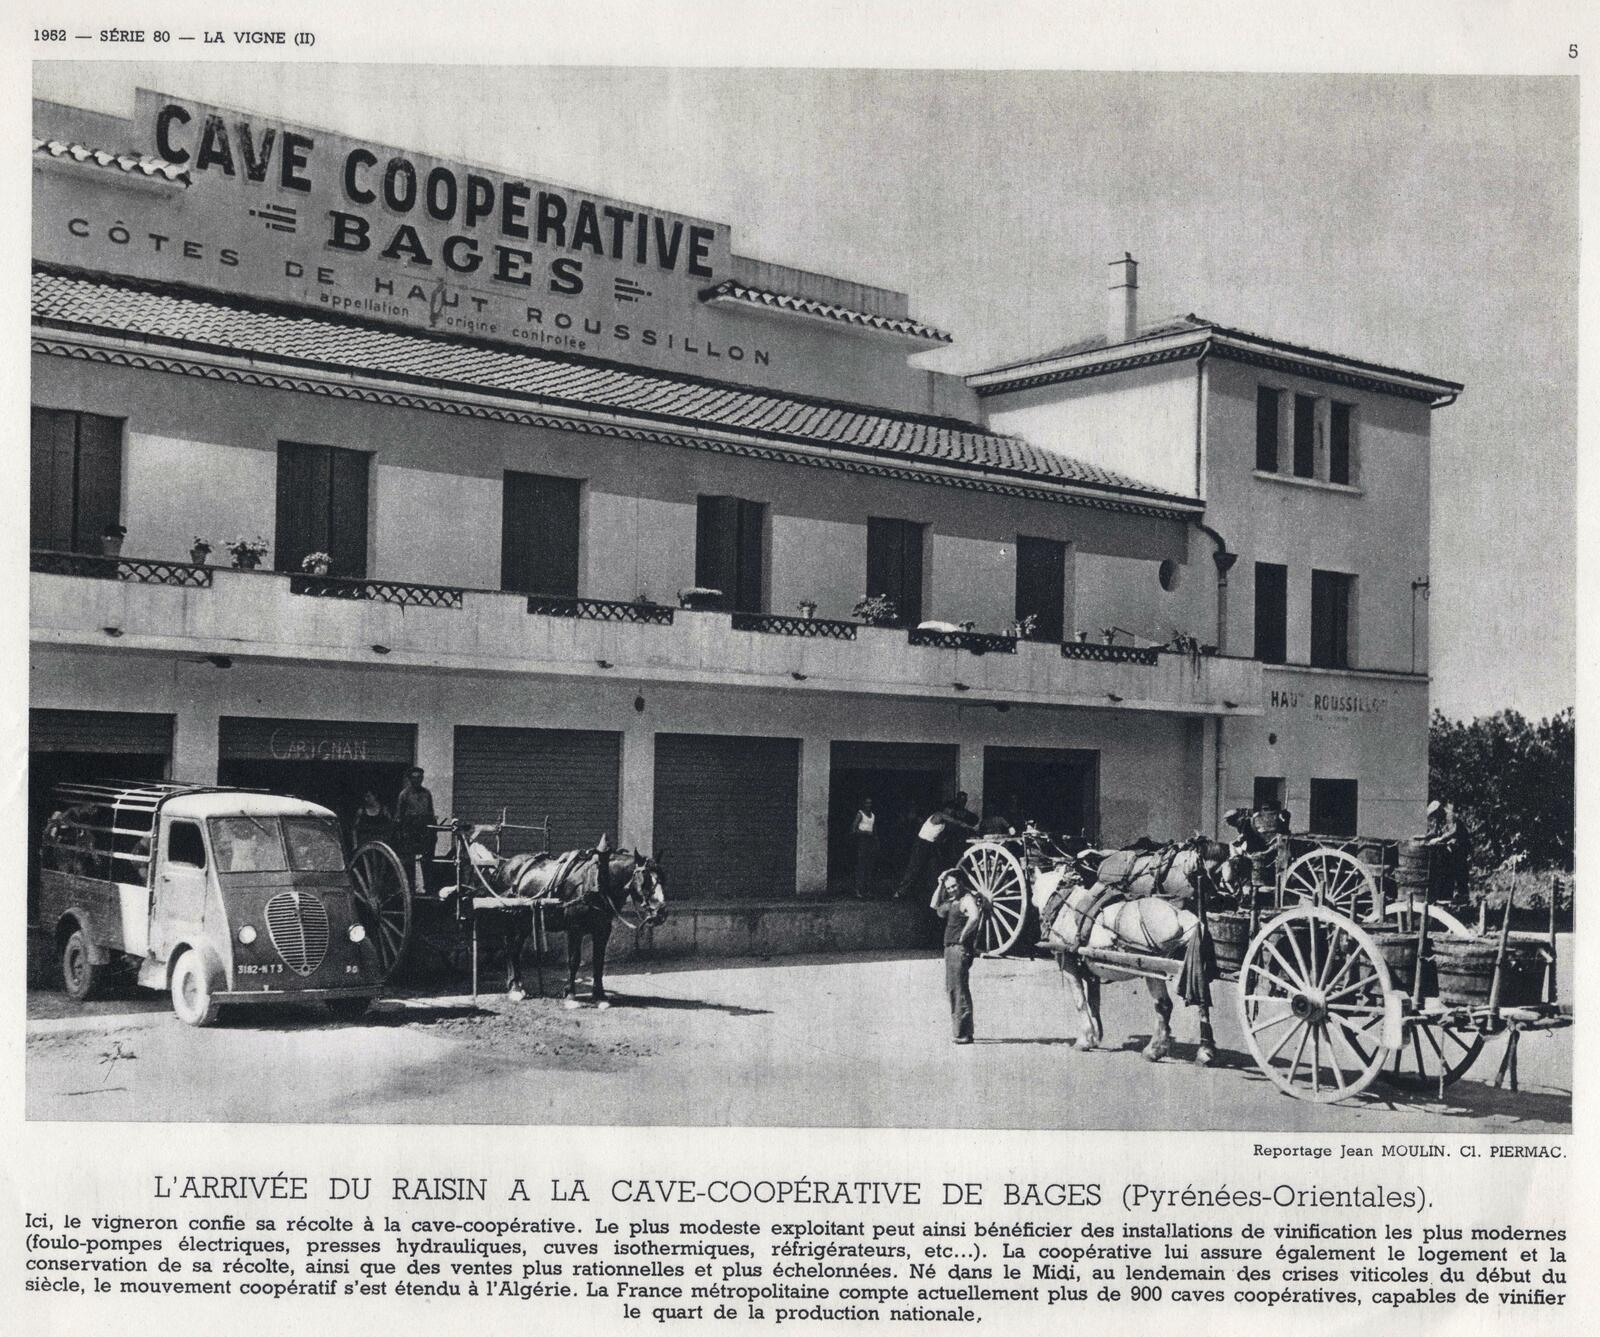 Cave coopérative de Bages (Pyrénées-Orientales)